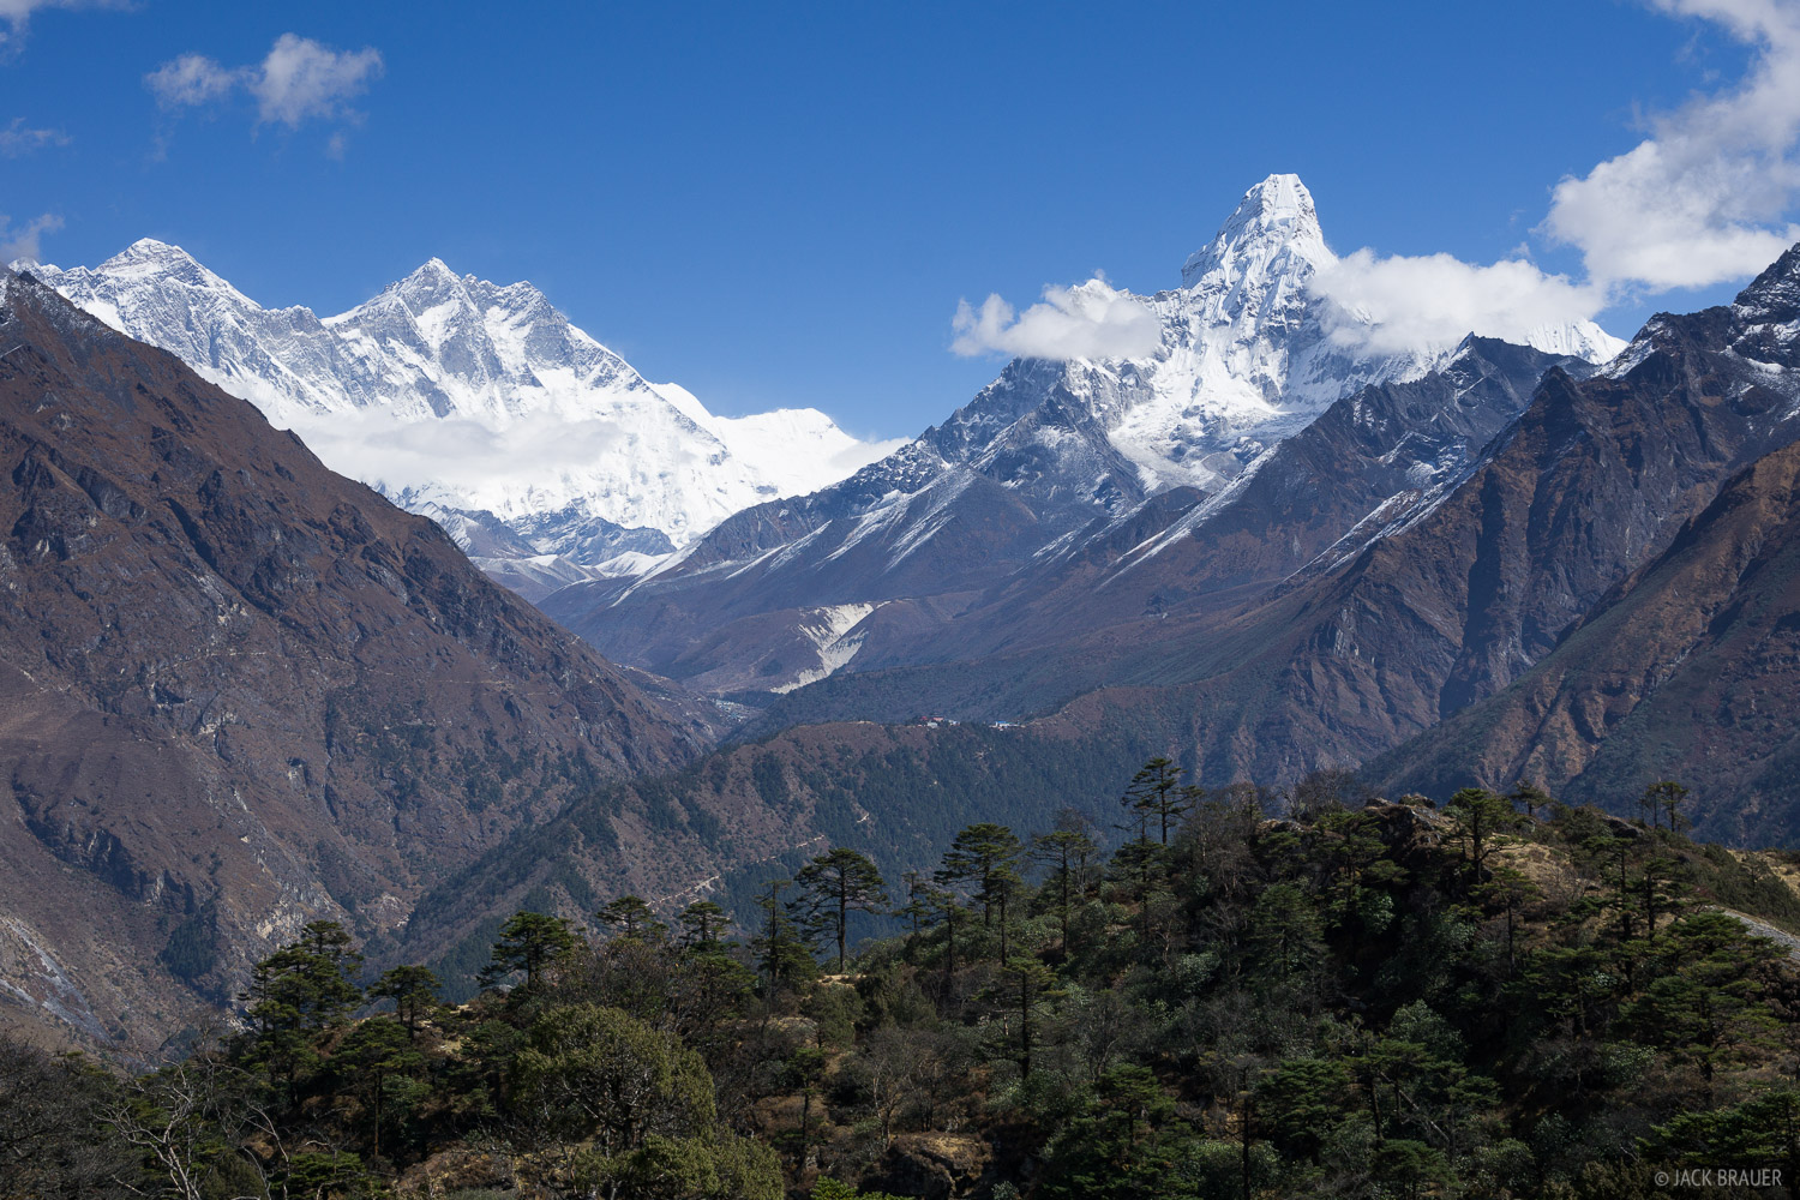 Ama Dablam,Asia,Himalaya,Khumbu,Nepal, Everest, photo